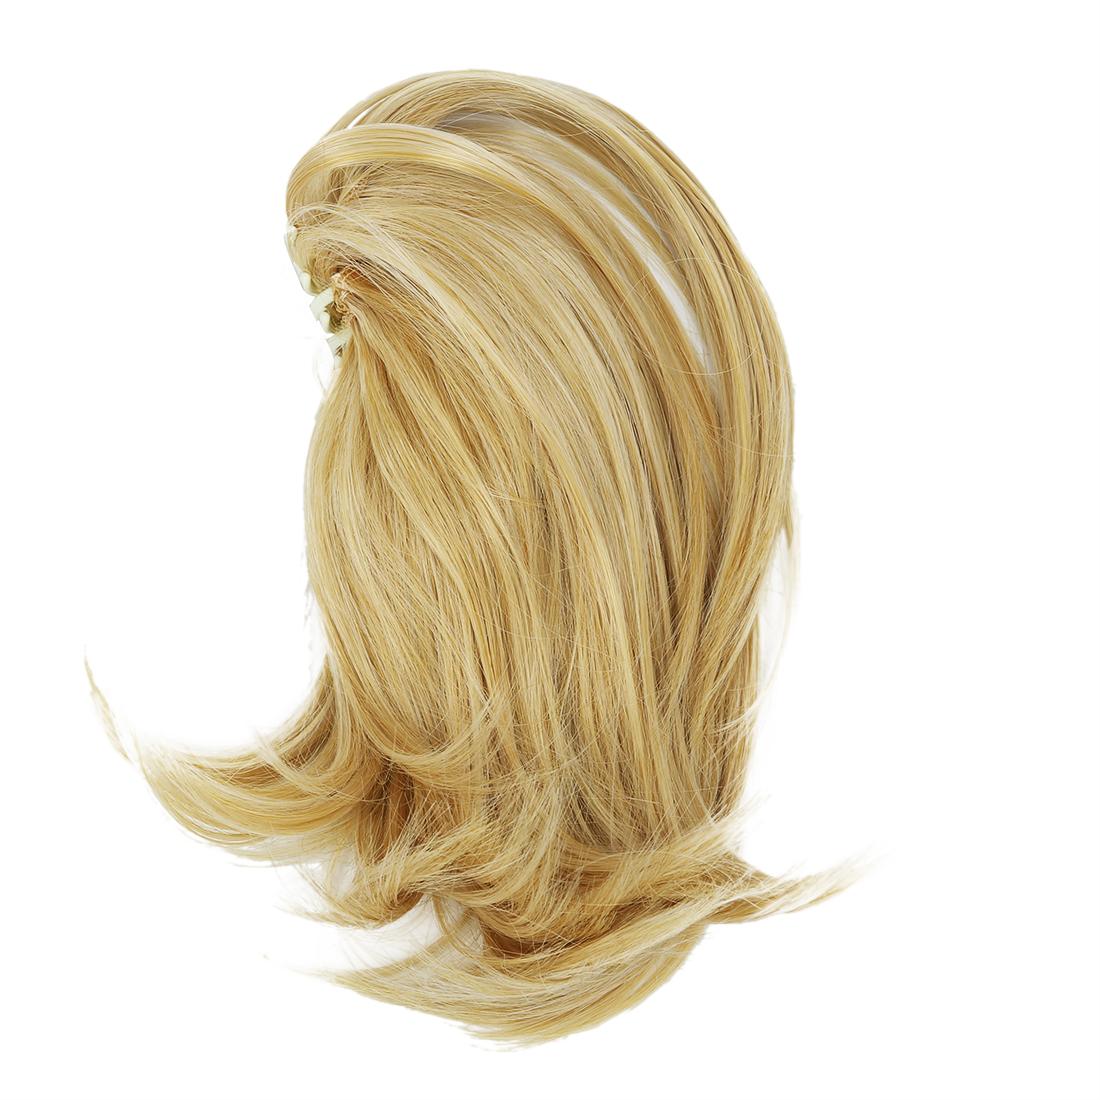 court queue de cheval extensions cheveux clips pieces de cheveux or clairi4n9 ebay. Black Bedroom Furniture Sets. Home Design Ideas